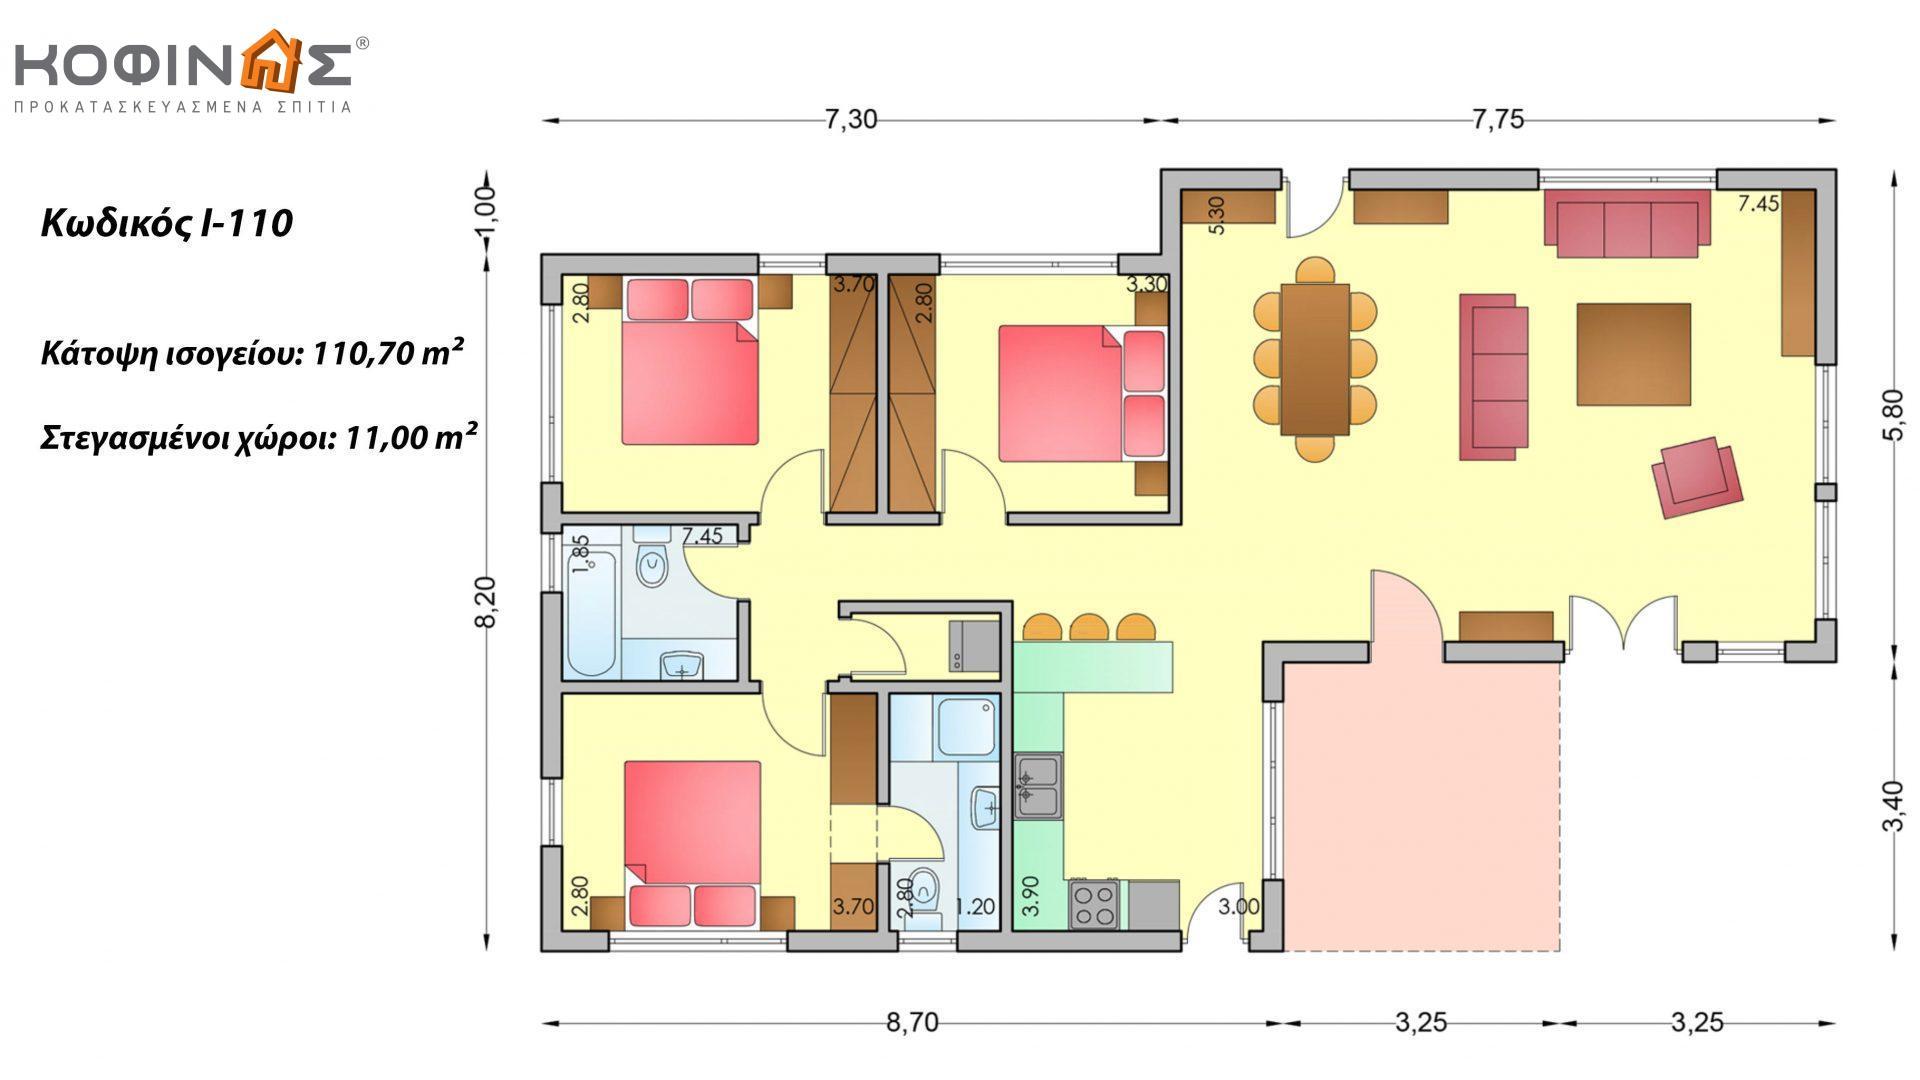 Ισόγεια Κατοικία I-110 συνολικής επιφάνειας 110,70 τ.μ., στεγασμένοι χώροι 11,00 τ.μ